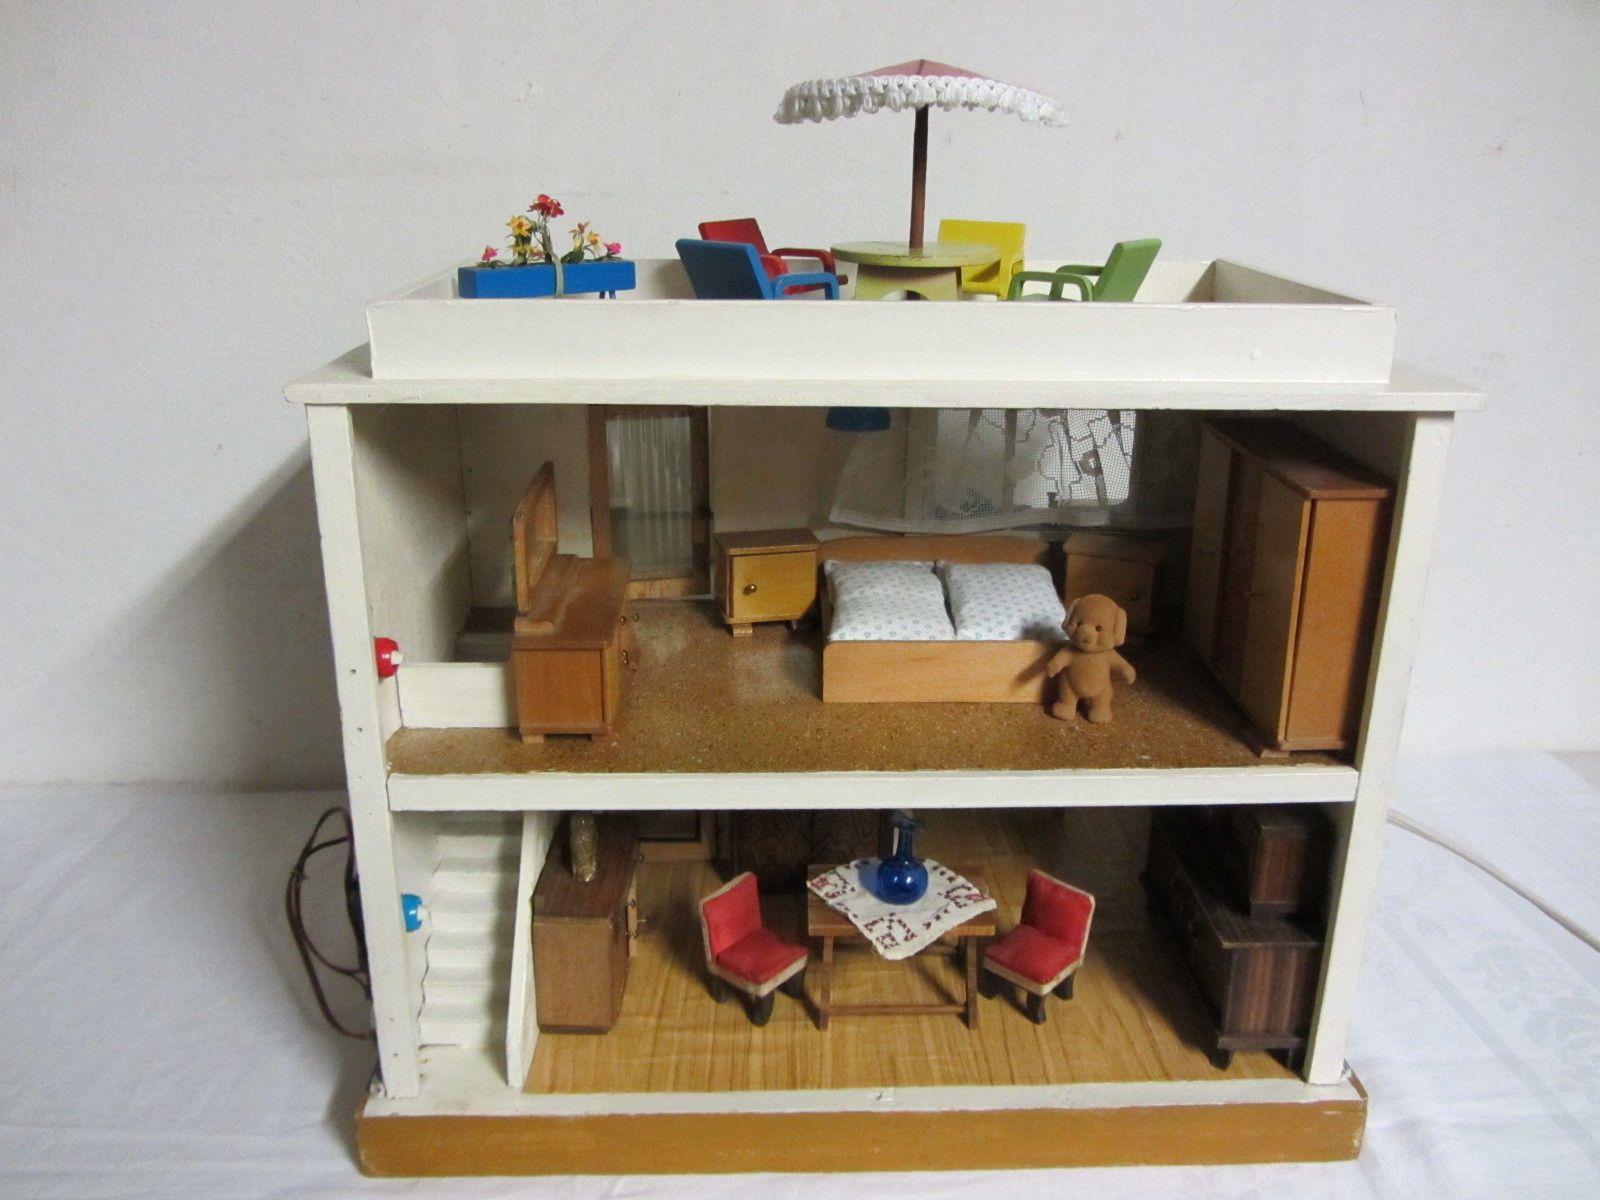 ddr vero puppenhaus mit m bel licht klingel puppenstube puppenk che ebay dollhous. Black Bedroom Furniture Sets. Home Design Ideas